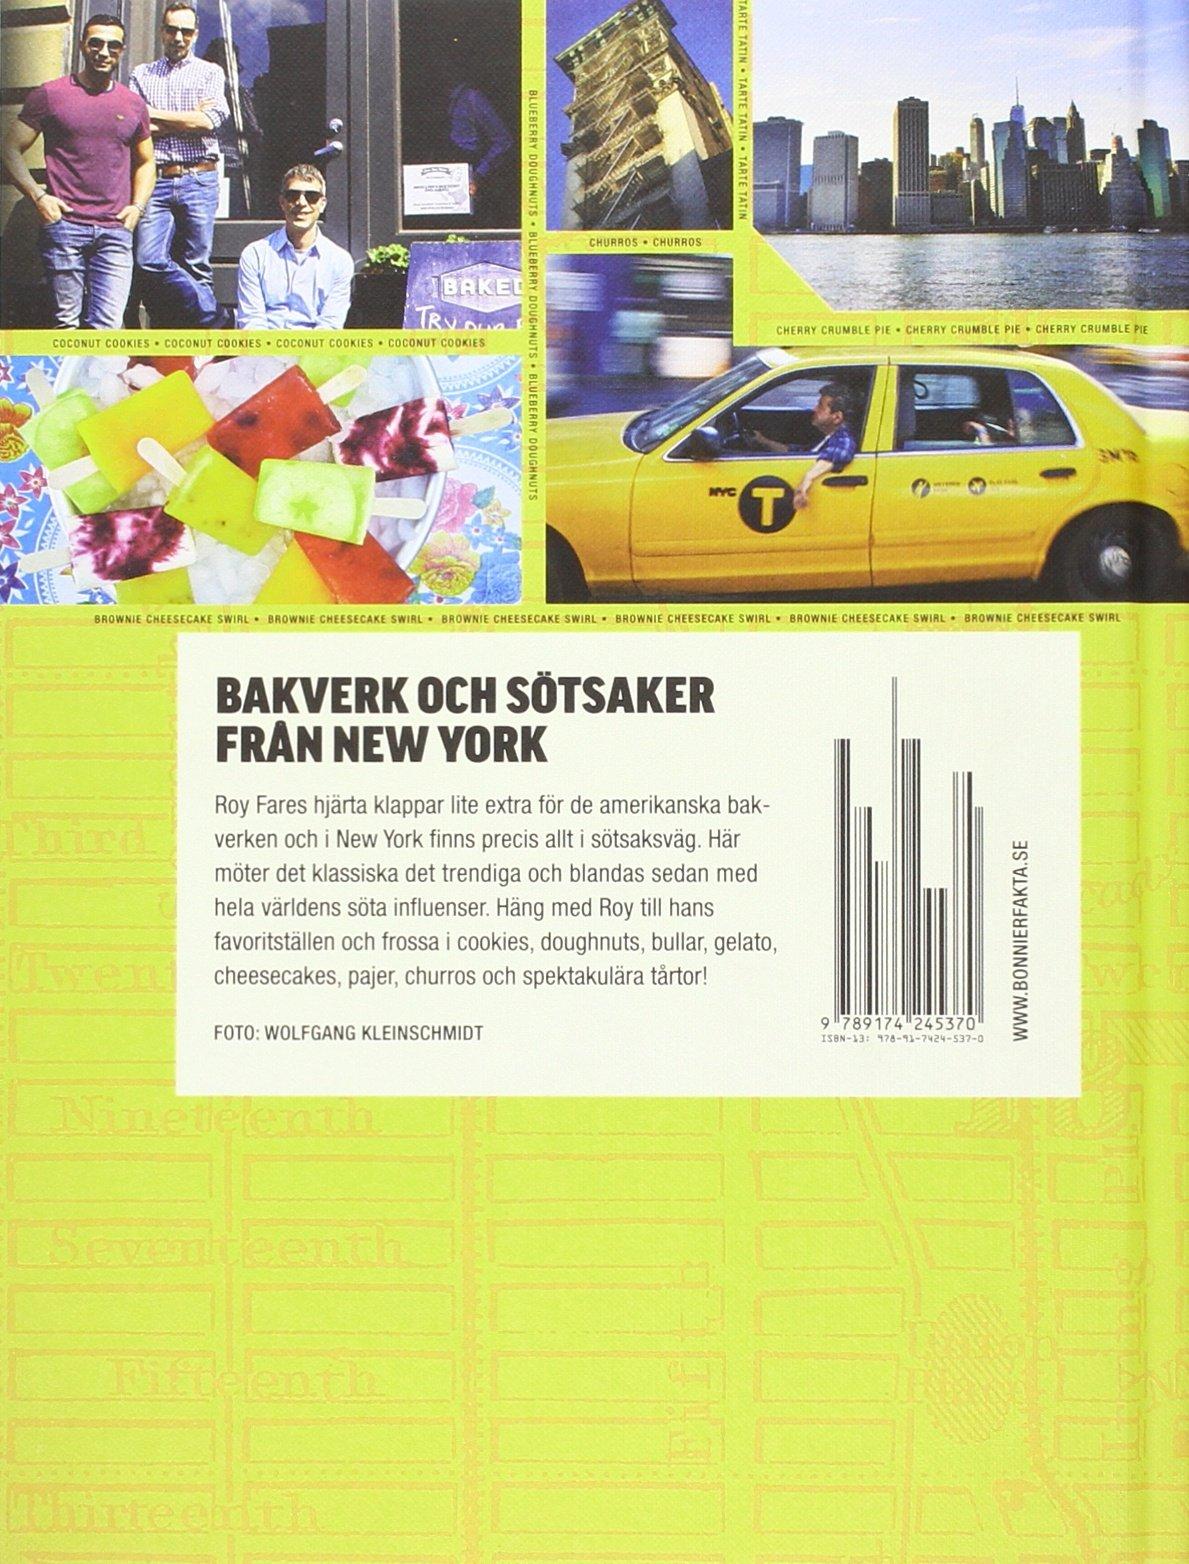 Sweet spots of New York : Bakverk och sötsaker från New York: Amazon.es: Roy Fares, Pär Wickholm, Wolfgang Kleinschmidt: Libros en idiomas extranjeros